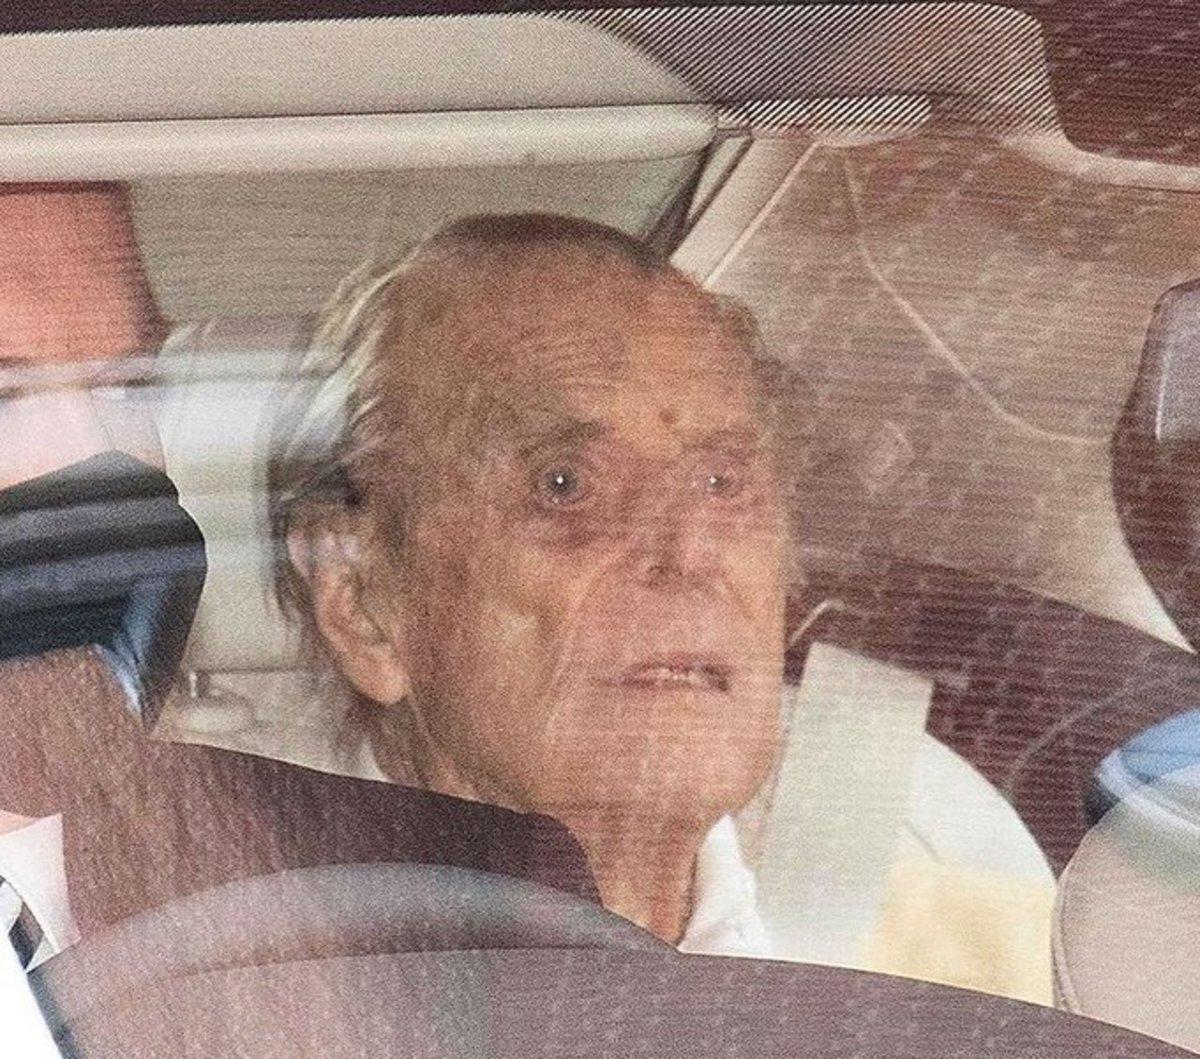 Последняя резонансная фотография принца Филиппа, март 2021 года © Twitter.com